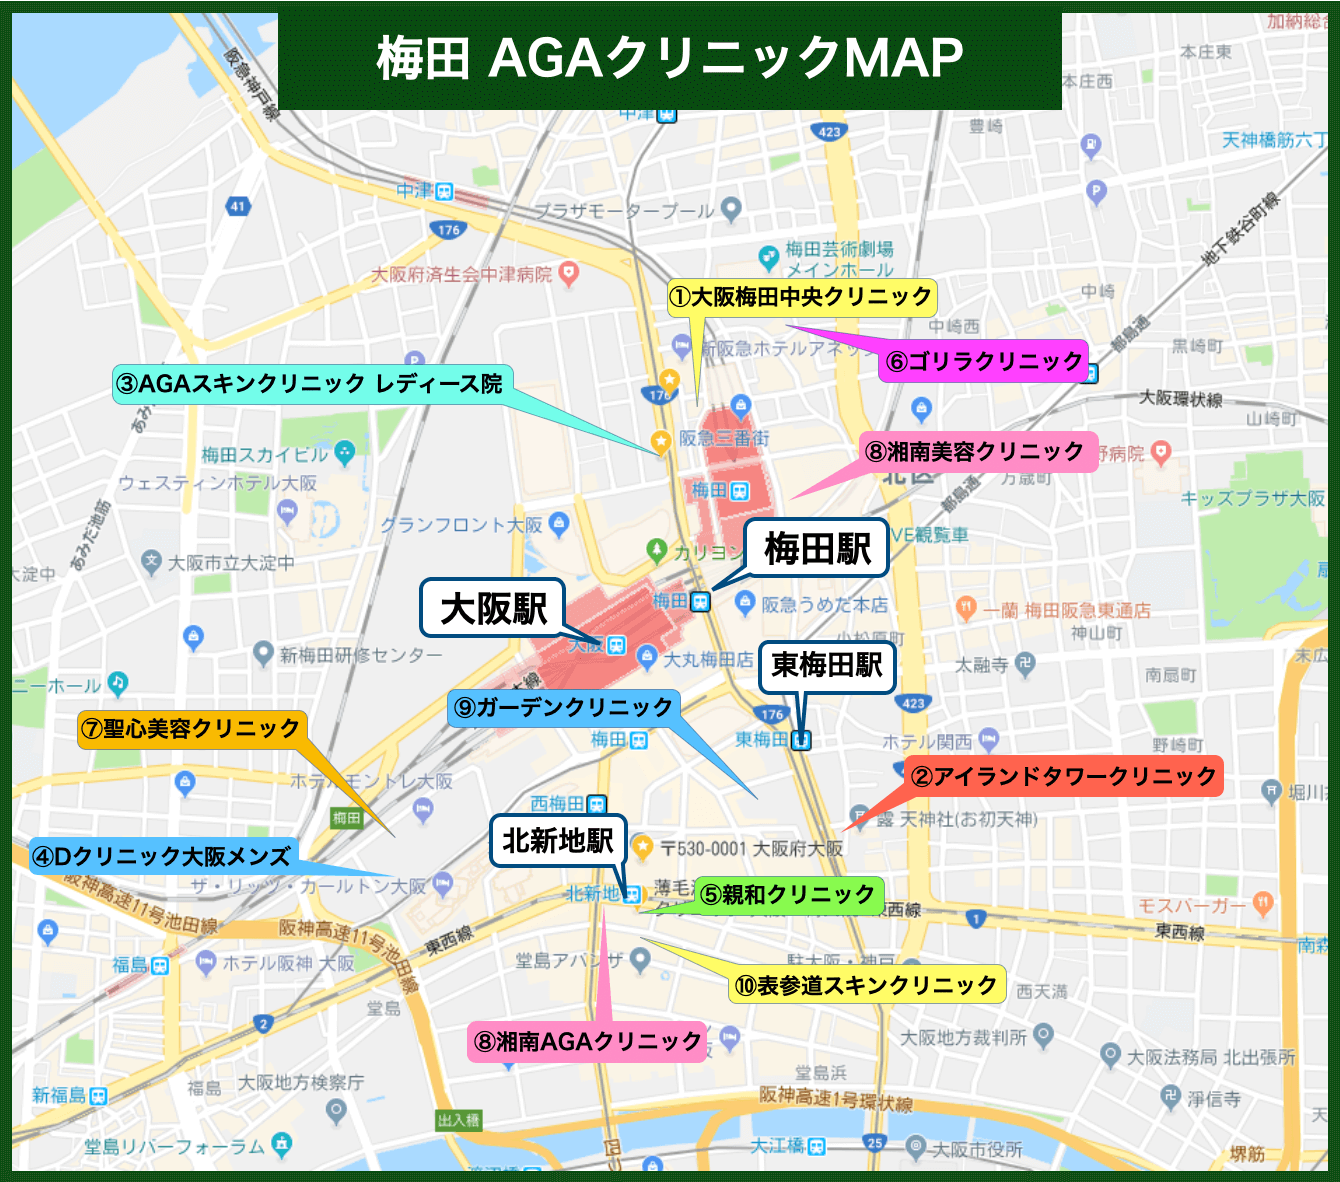 梅田 AGAクリニックMAP